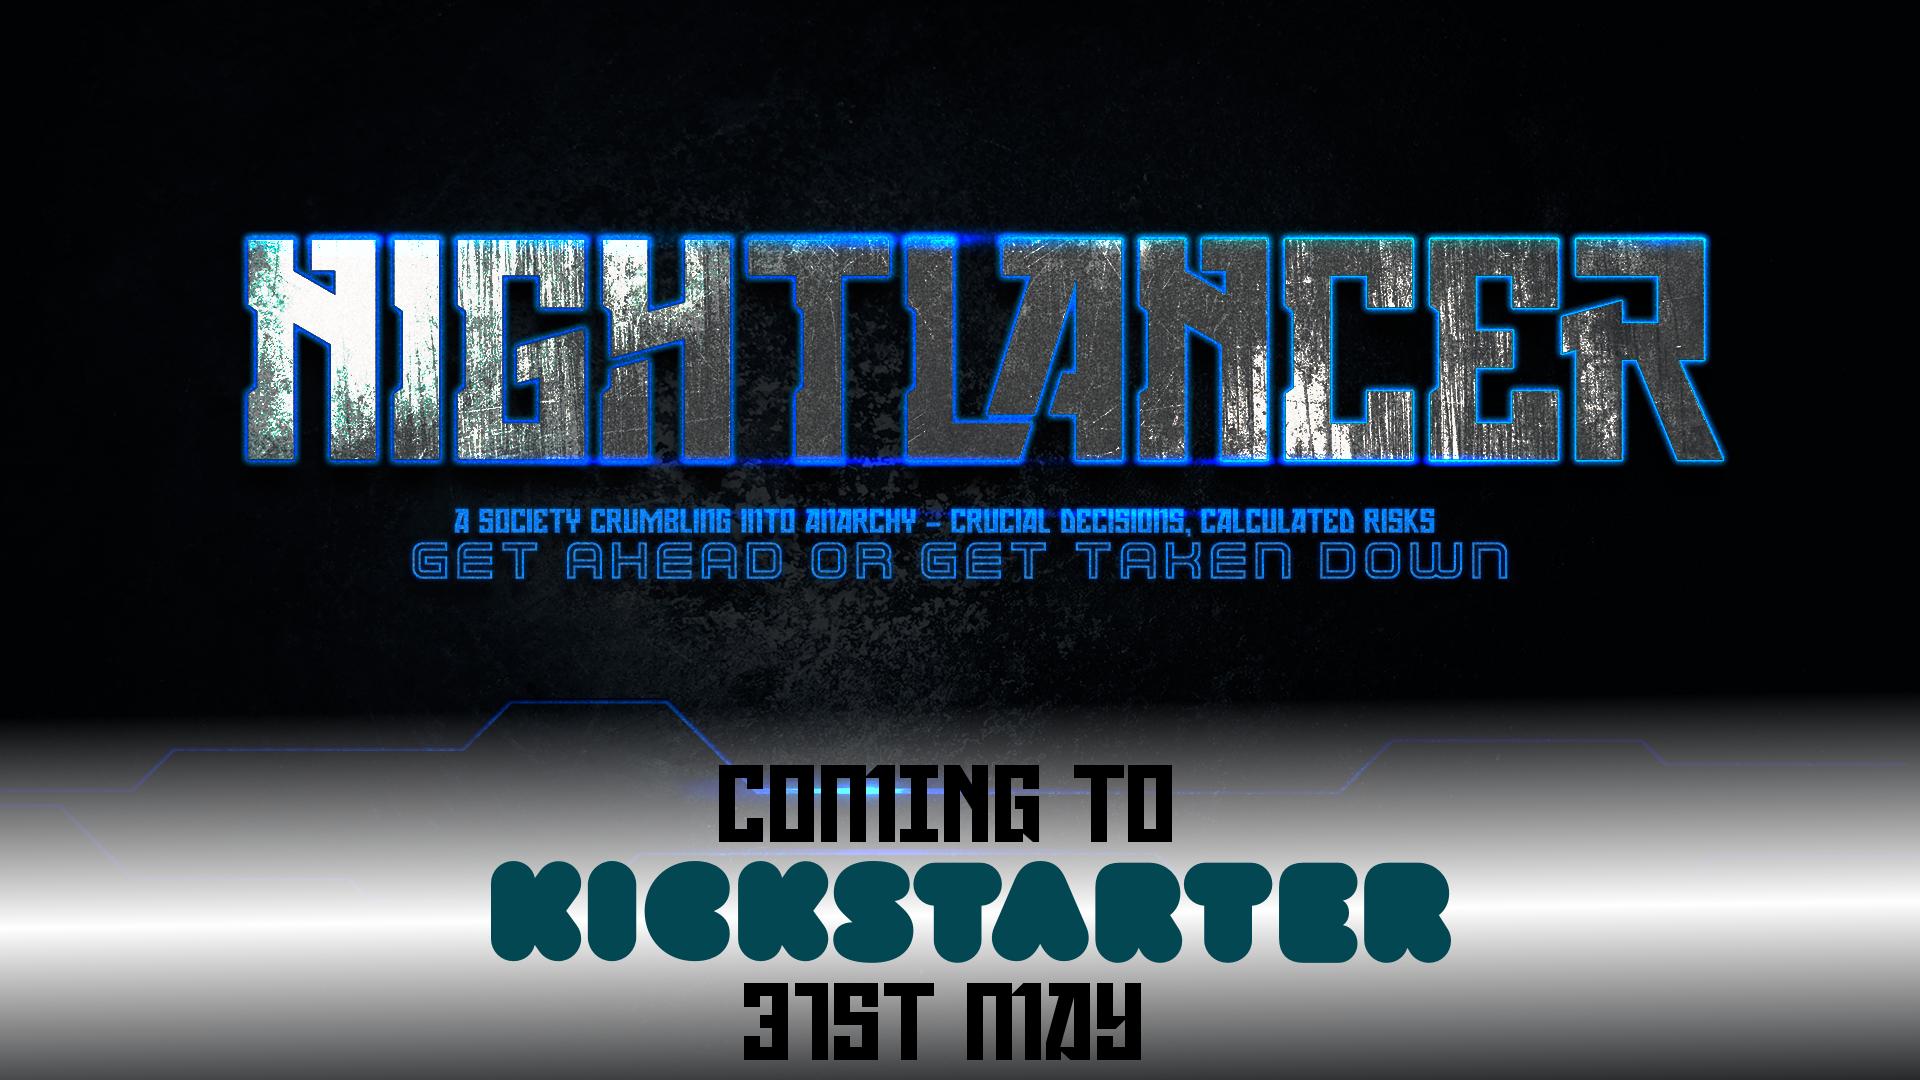 Nightlancer Kickstarter cyberpunk indie board game